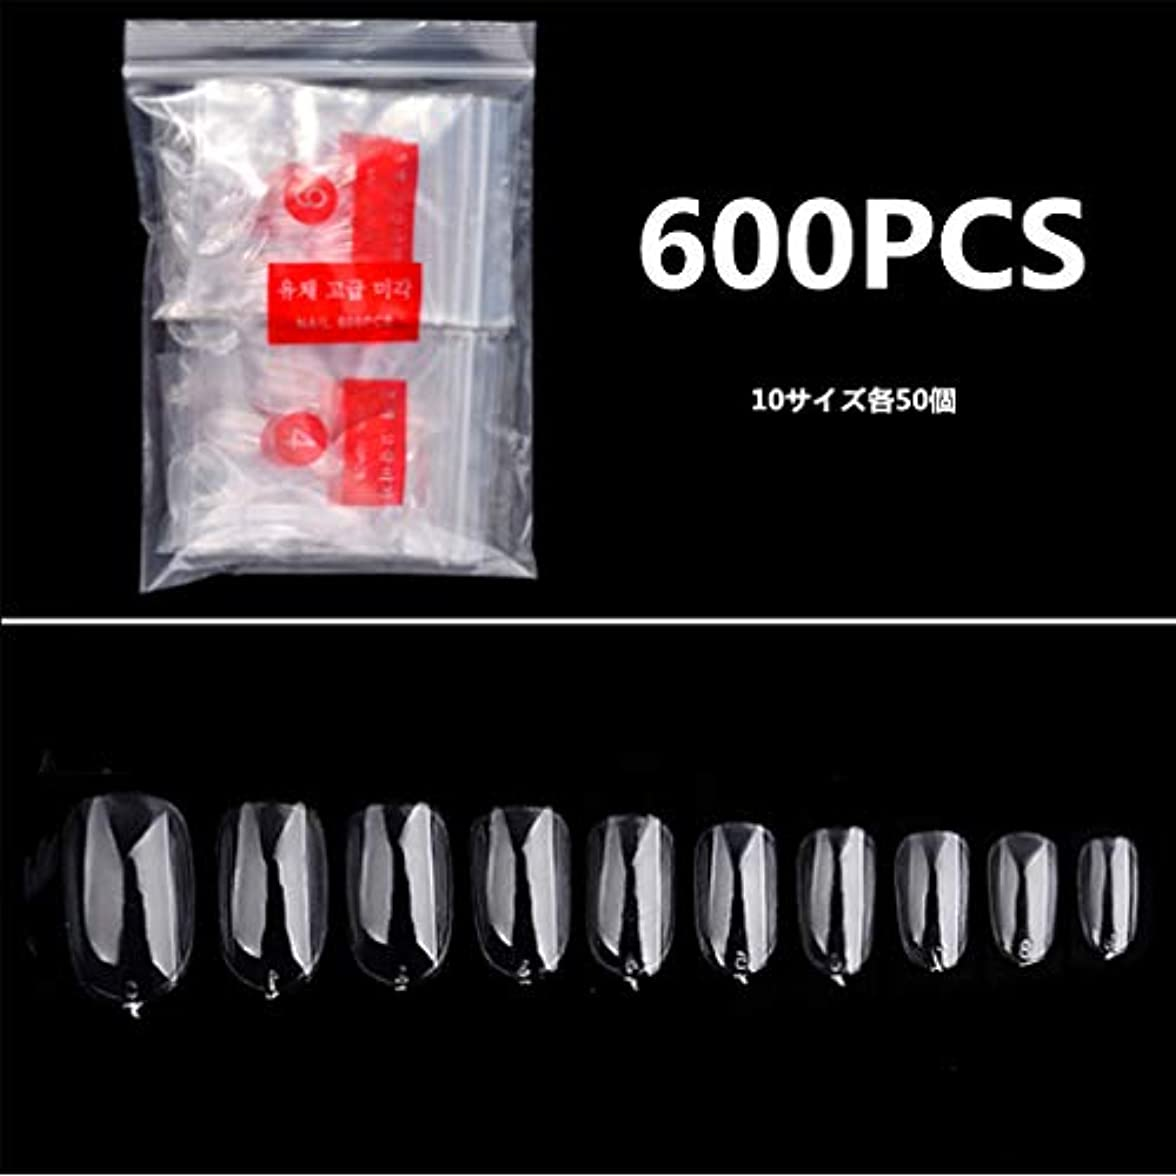 騒コード群集ATOETI ネイルチップ つけ爪 ネイル用品 10サイズ ショート デコレーション 無地 付け爪 練習用 爪にピッタリ 卵形 短い 600枚入れ 透明